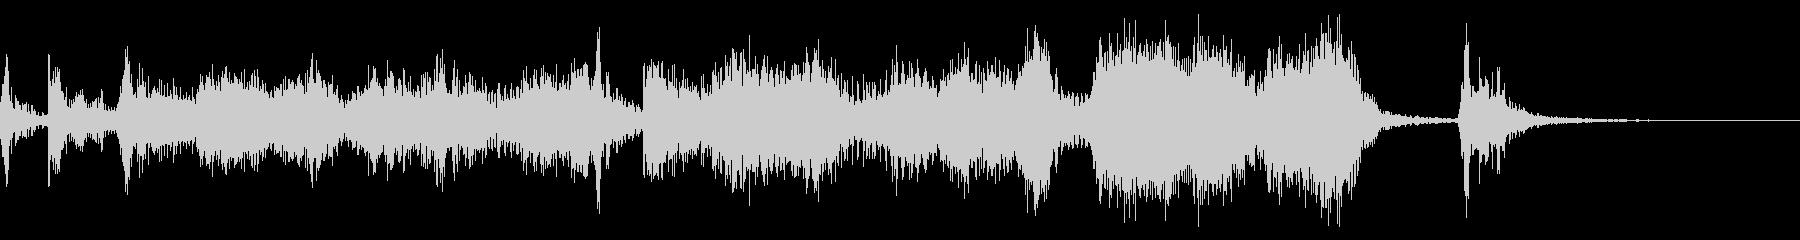 6秒広告用の華やかなビッグバンドジャズの未再生の波形